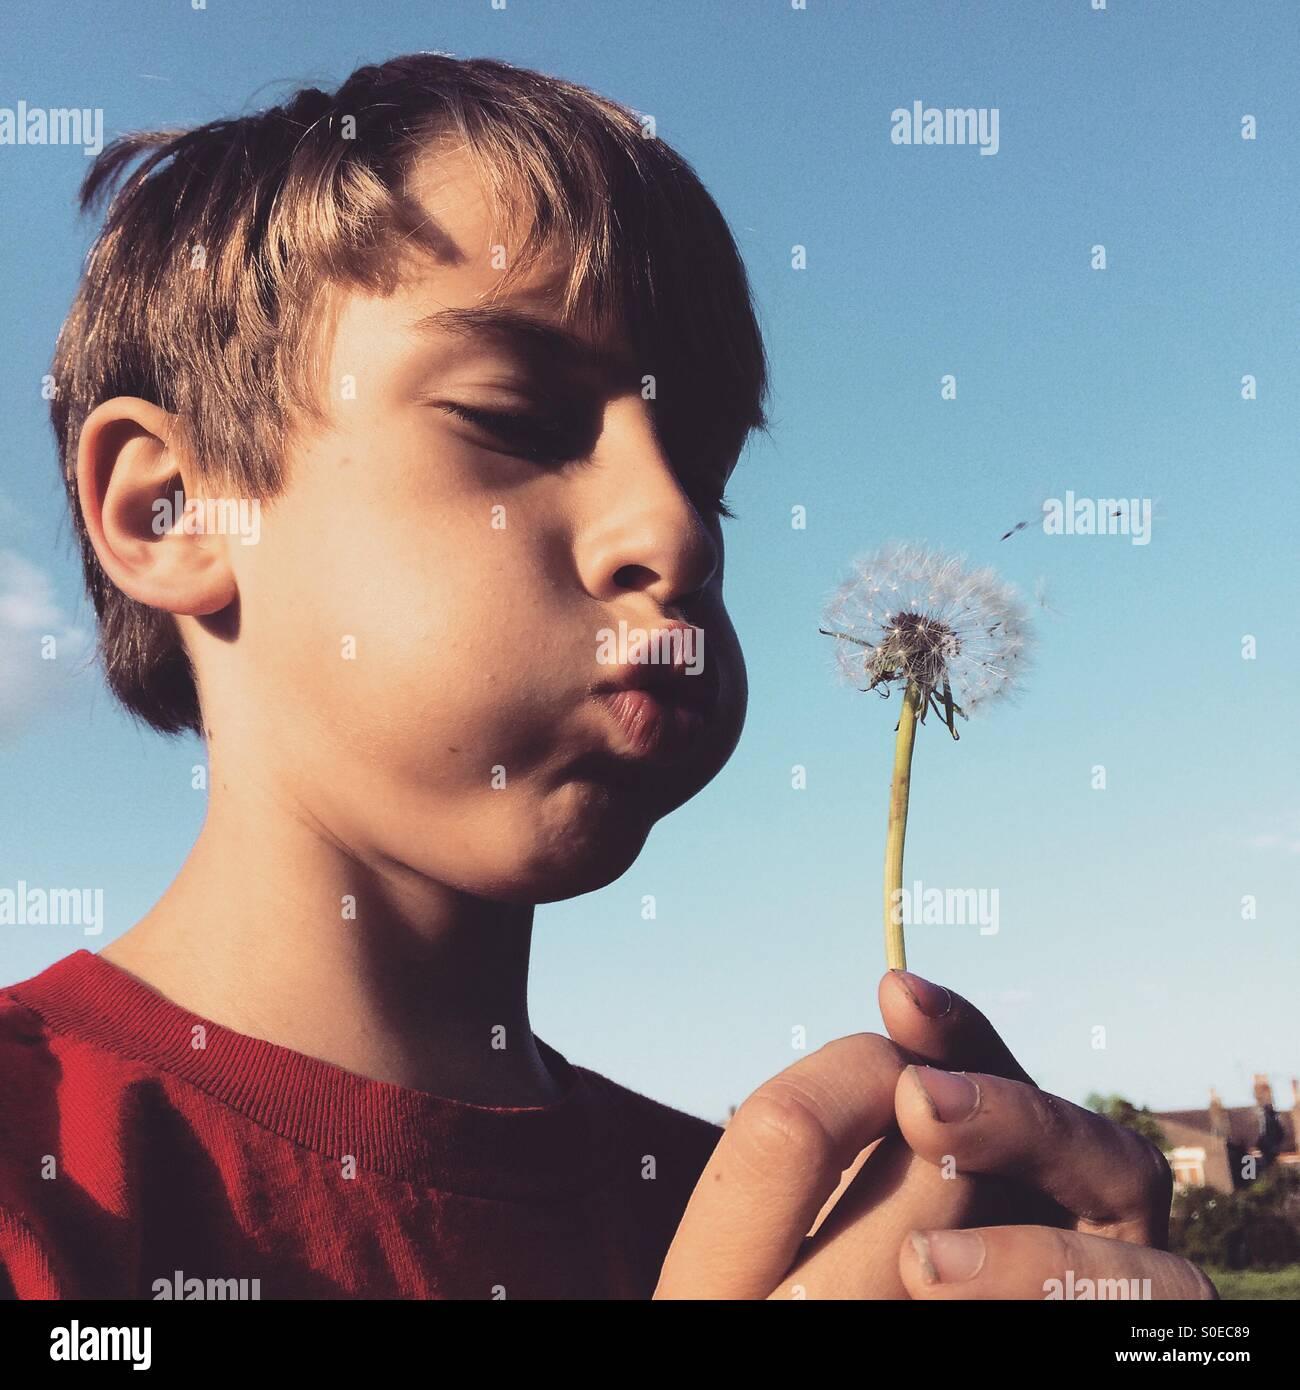 Un joven que sopla un diente de león. Imagen De Stock